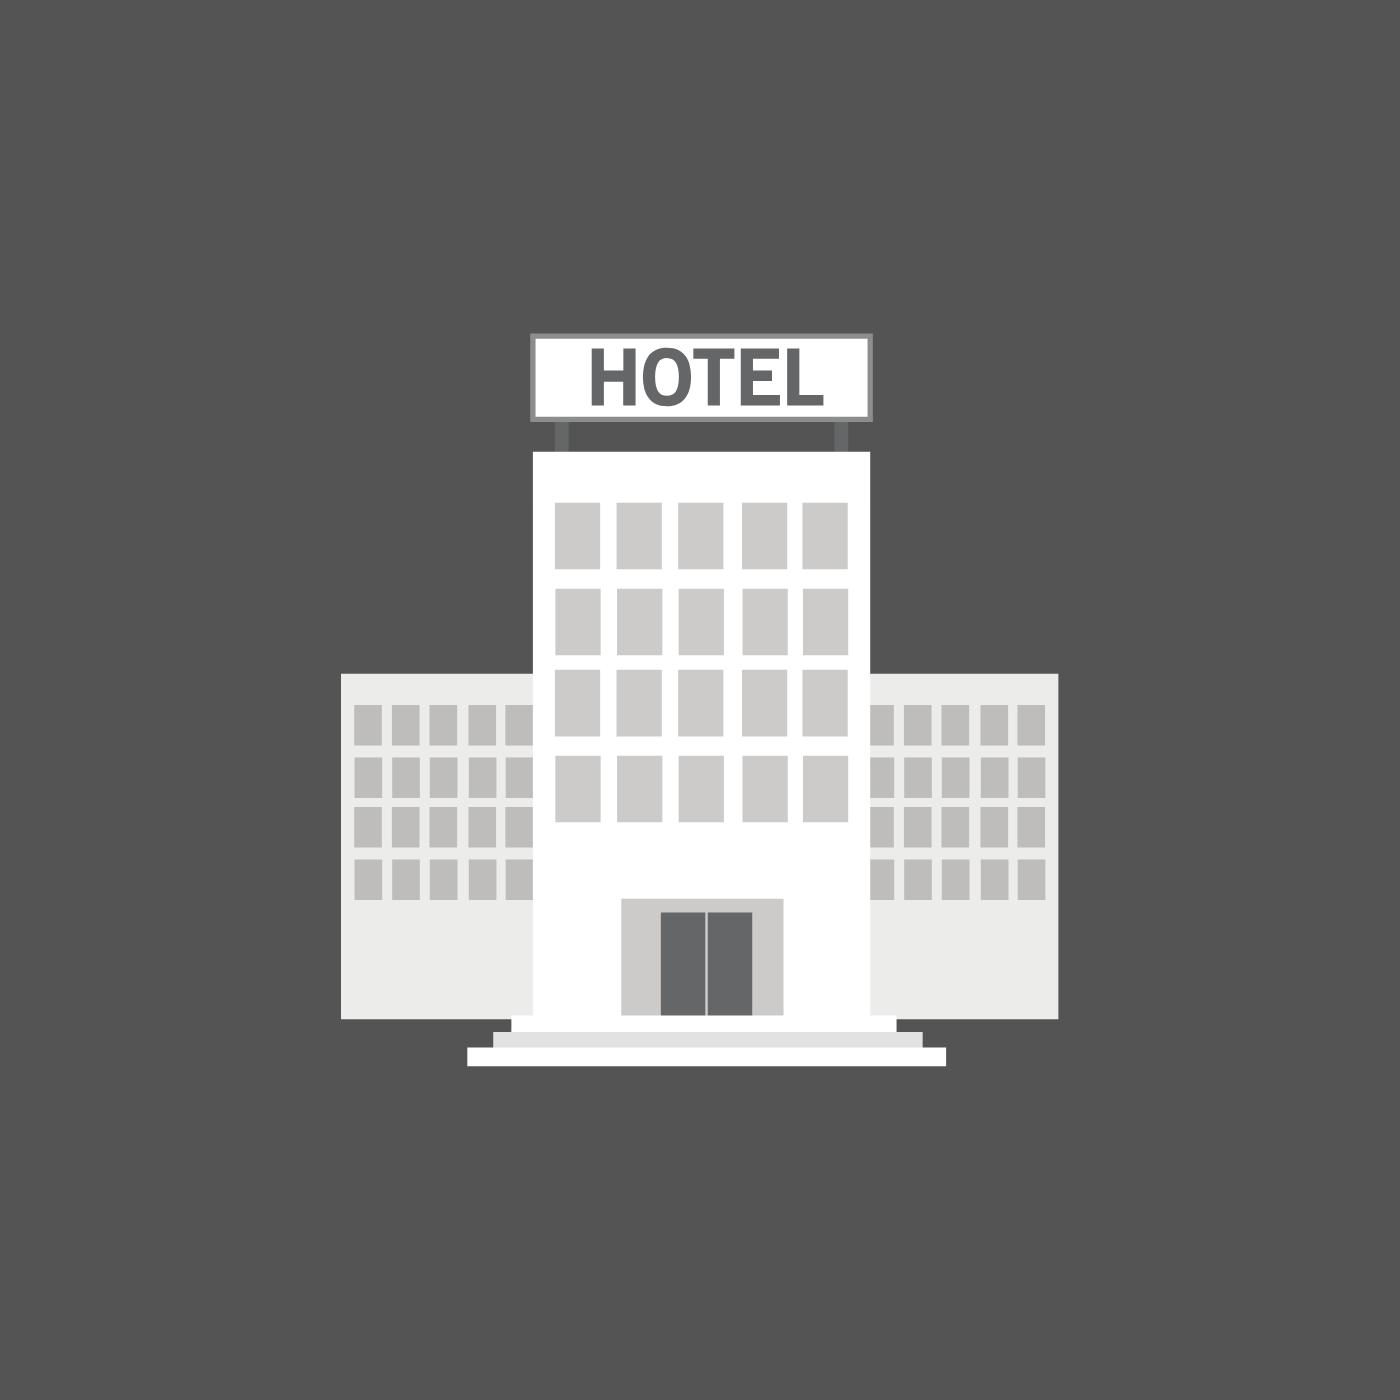 NDA Hotels